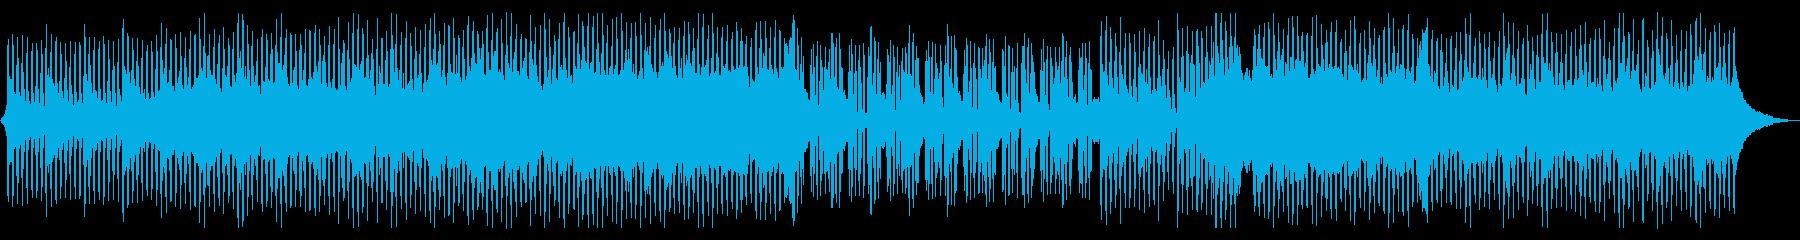 始まりを感じるシンセポップの再生済みの波形